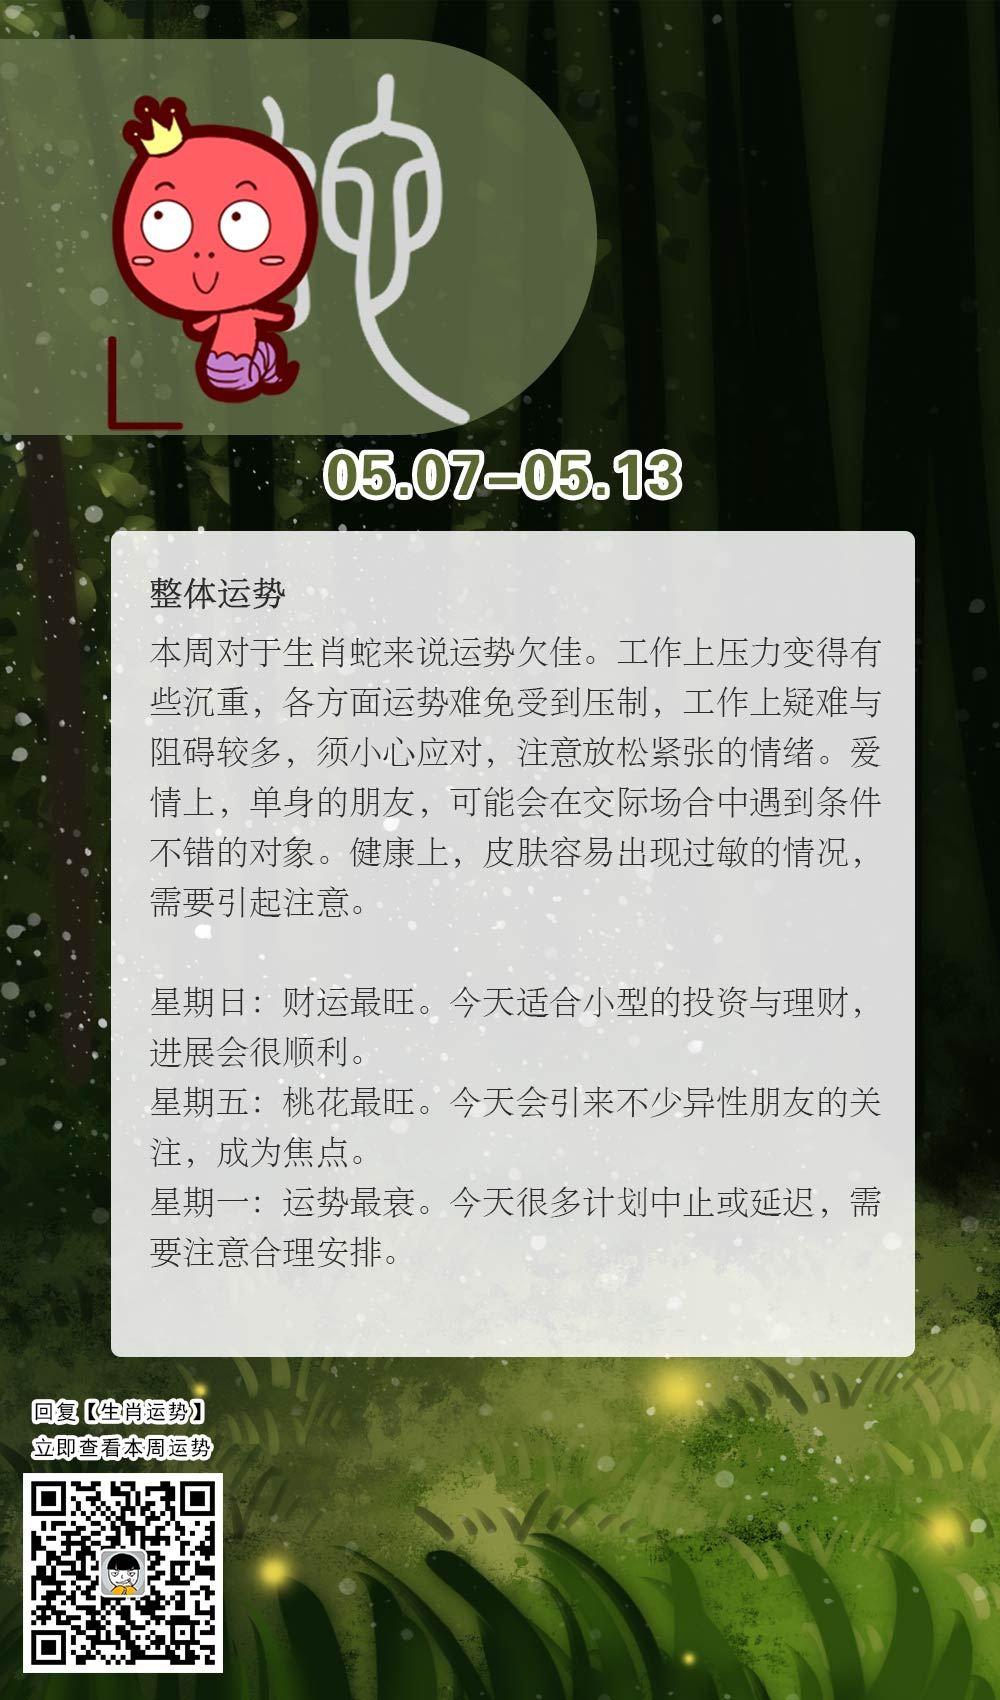 生肖蛇本周运势【2018.05.07-05.13】